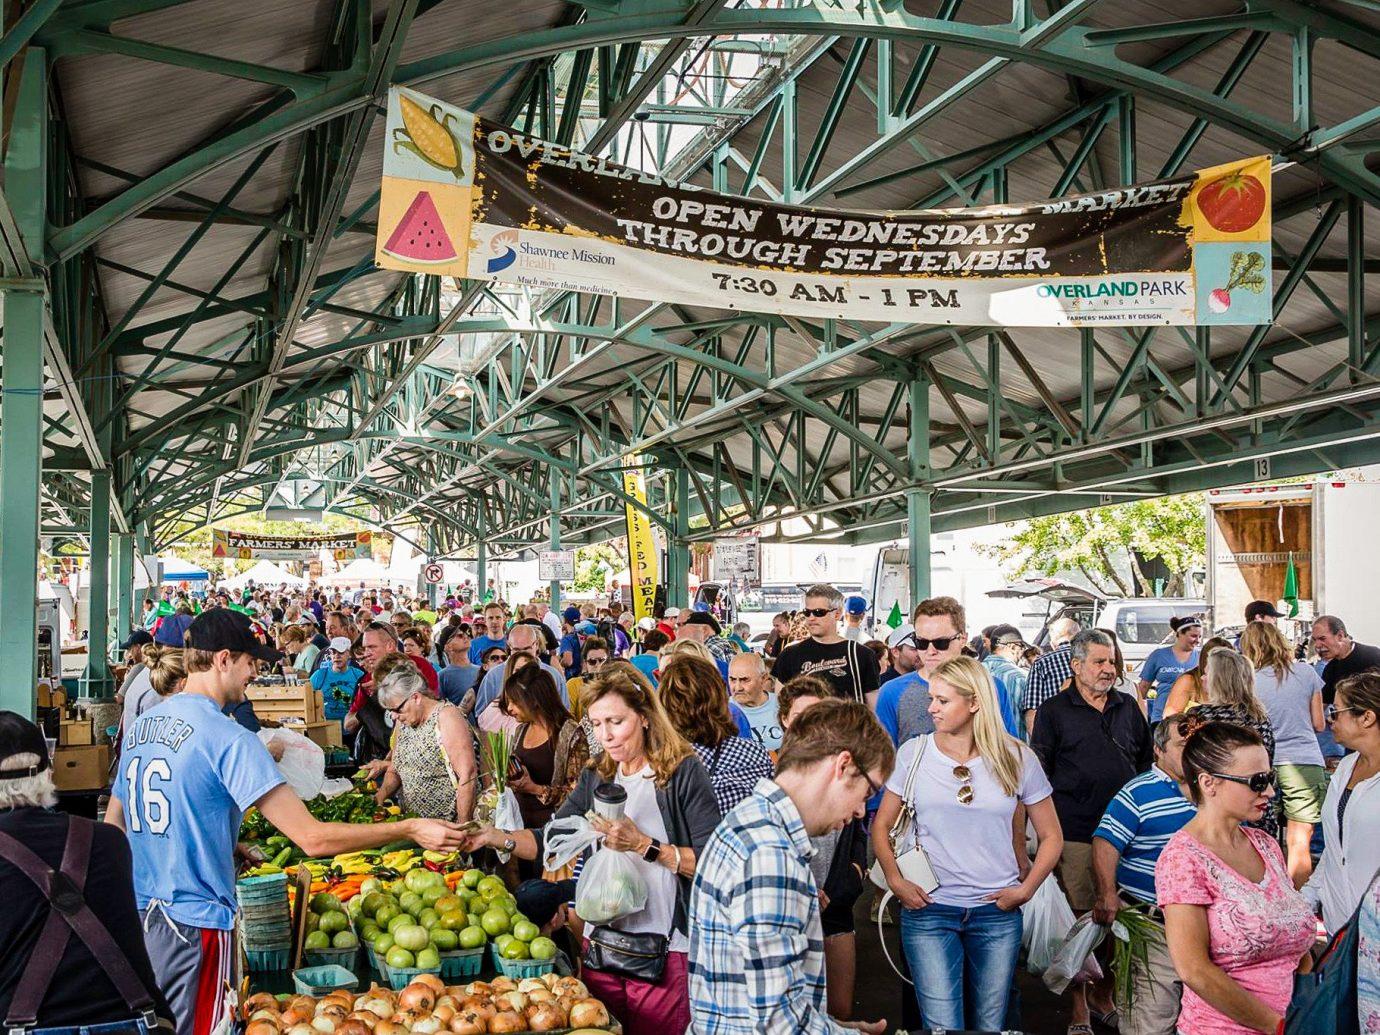 Kansas City Midwest Trip Ideas person building market marketplace public space crowd bazaar City people stall flea market tourism fair vendor fun produce